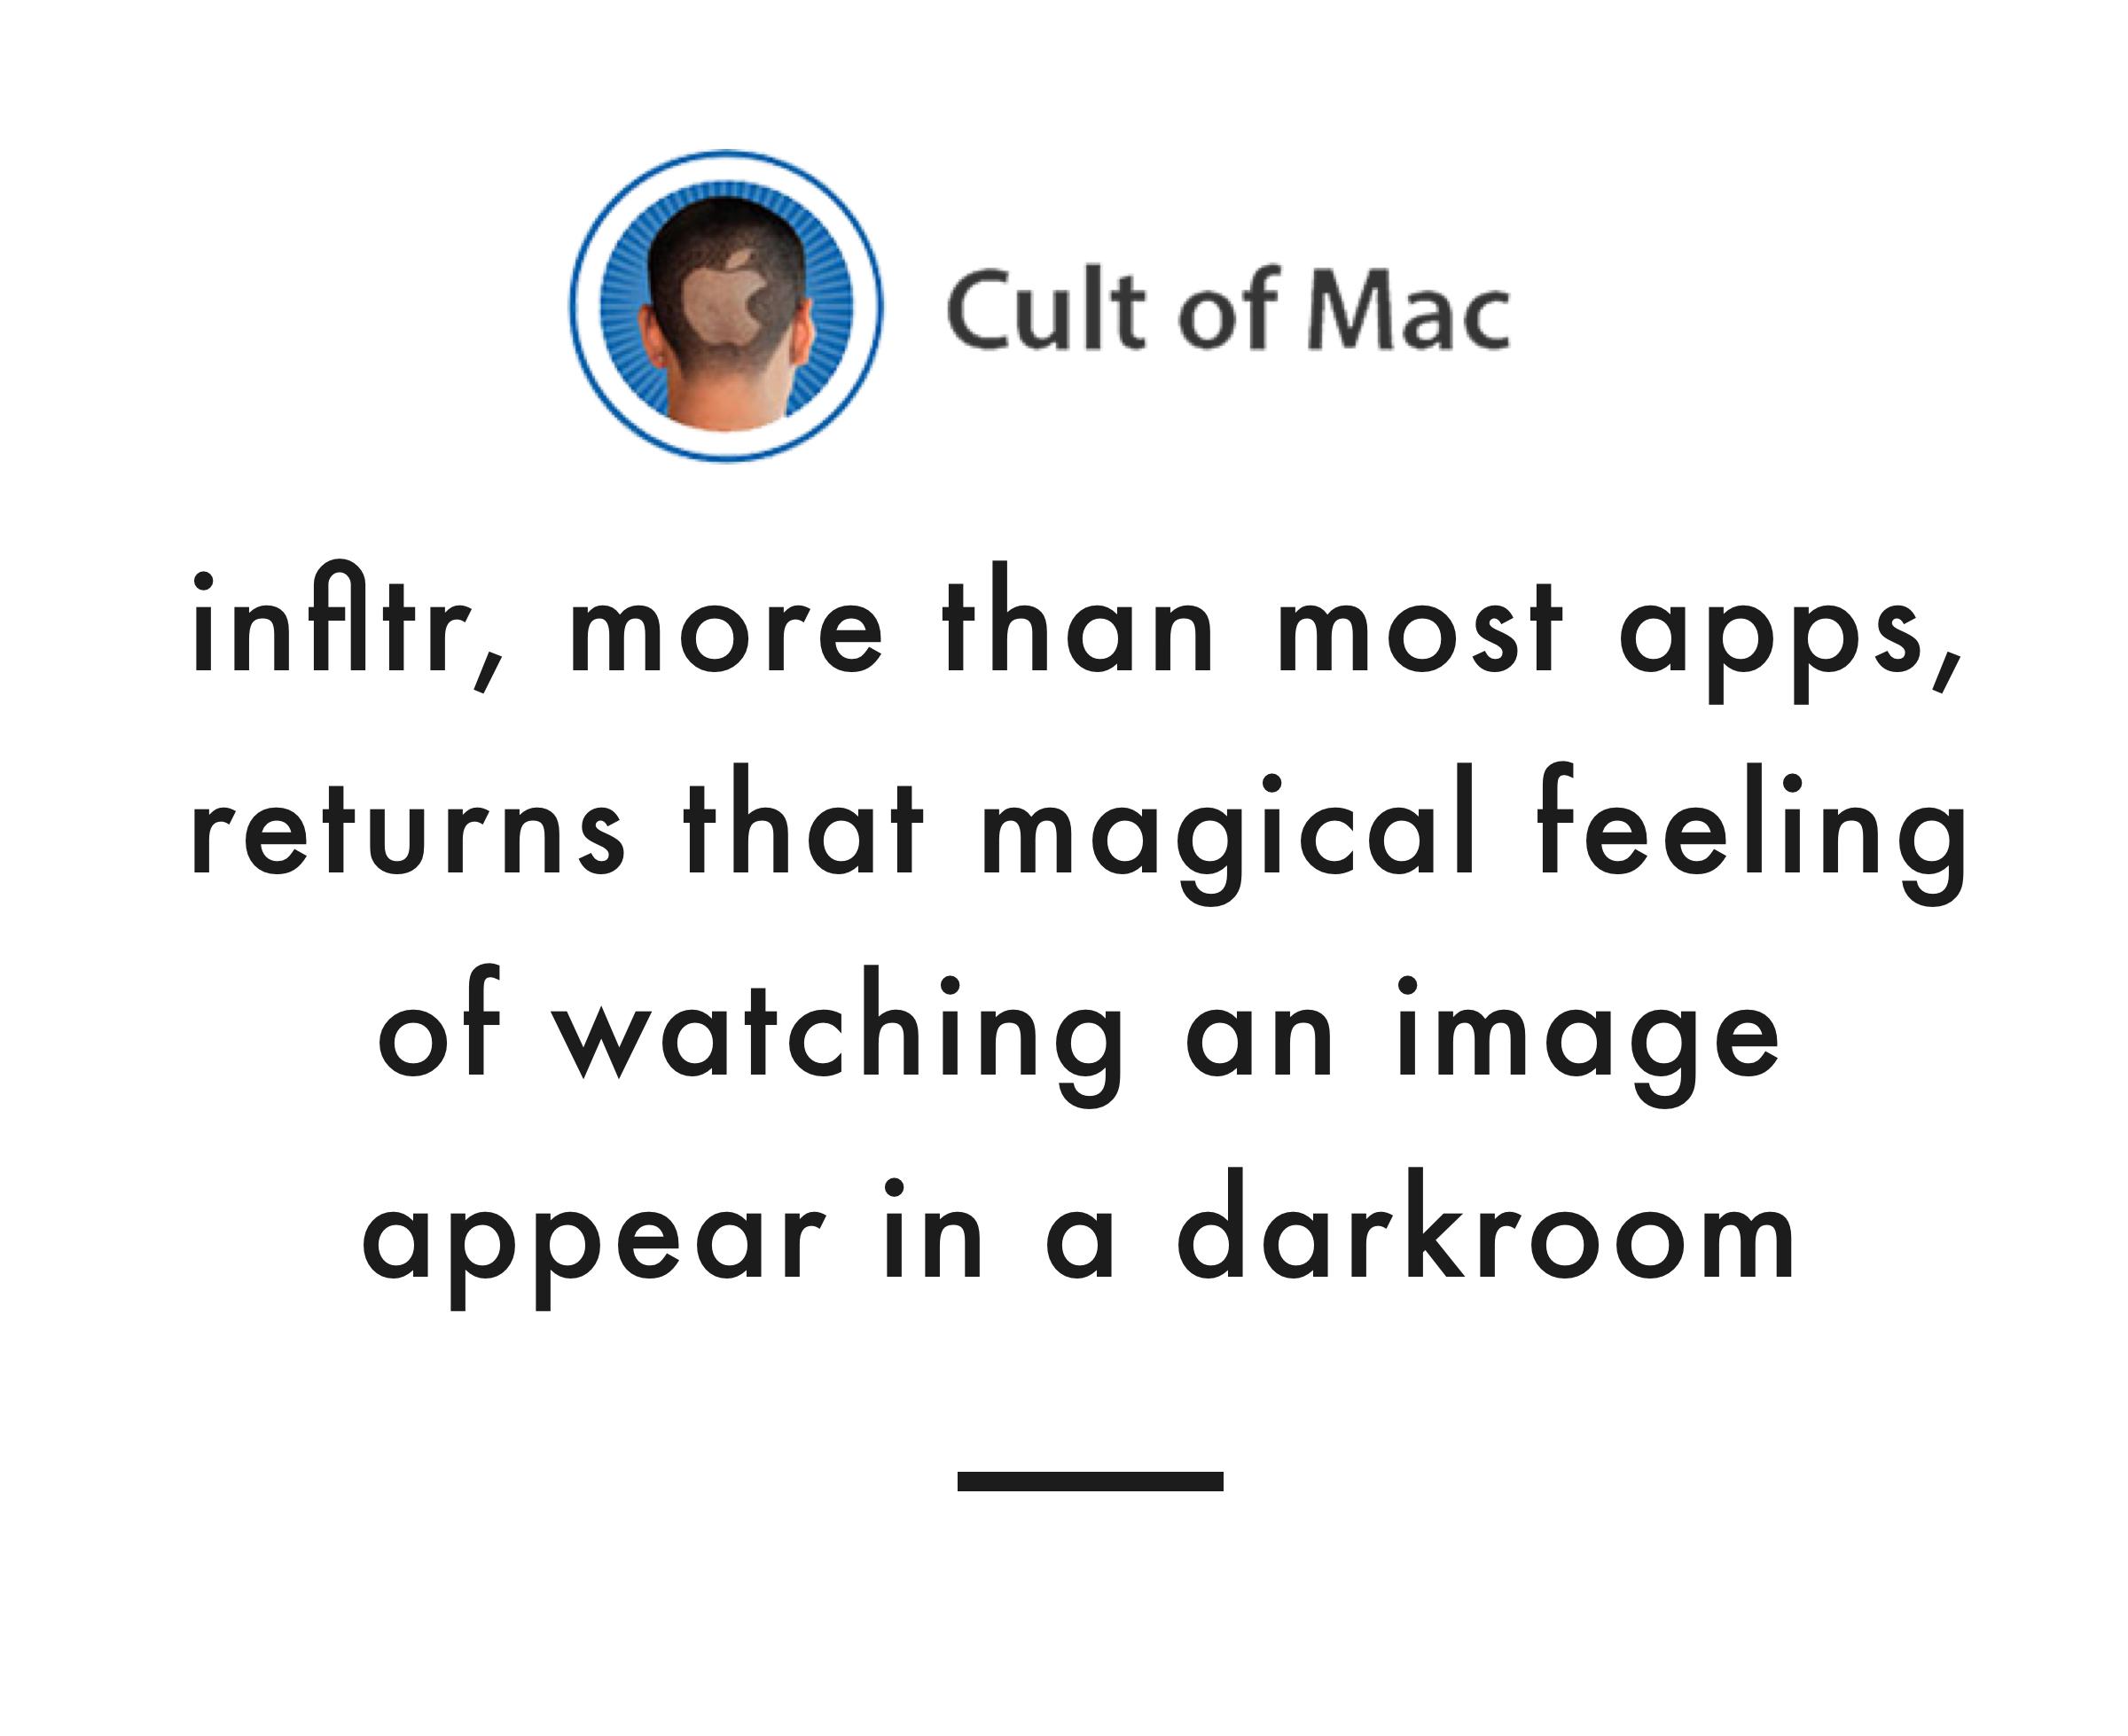 Cult.jpg